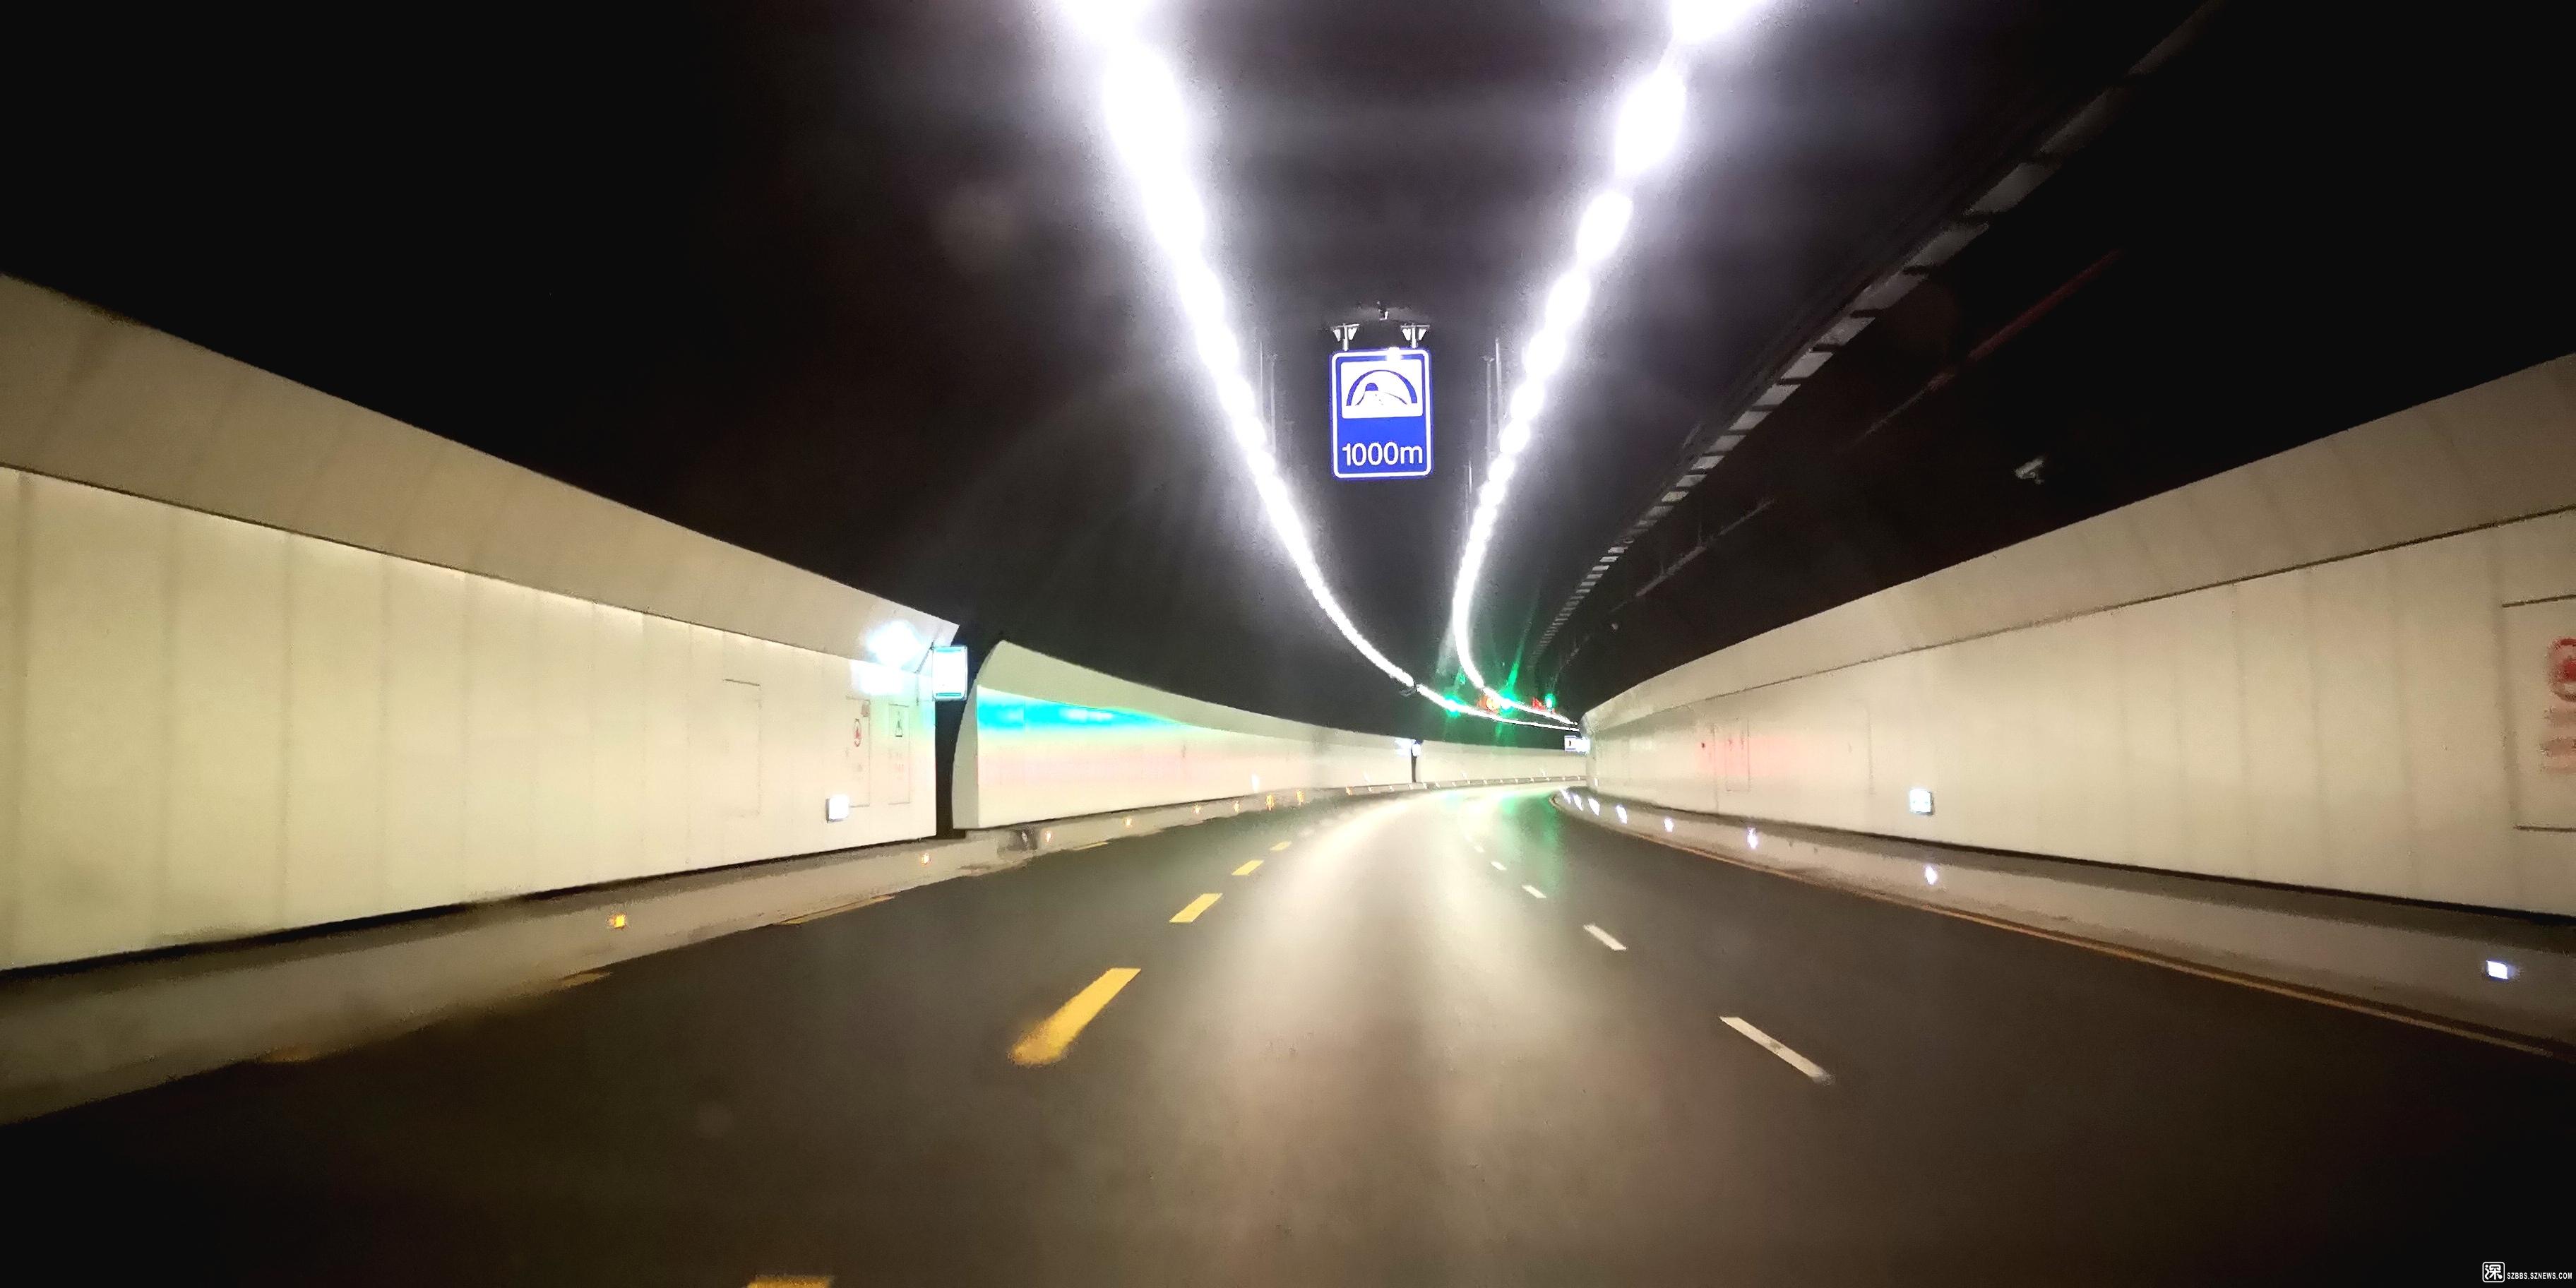 隧道内虚线3.jpg